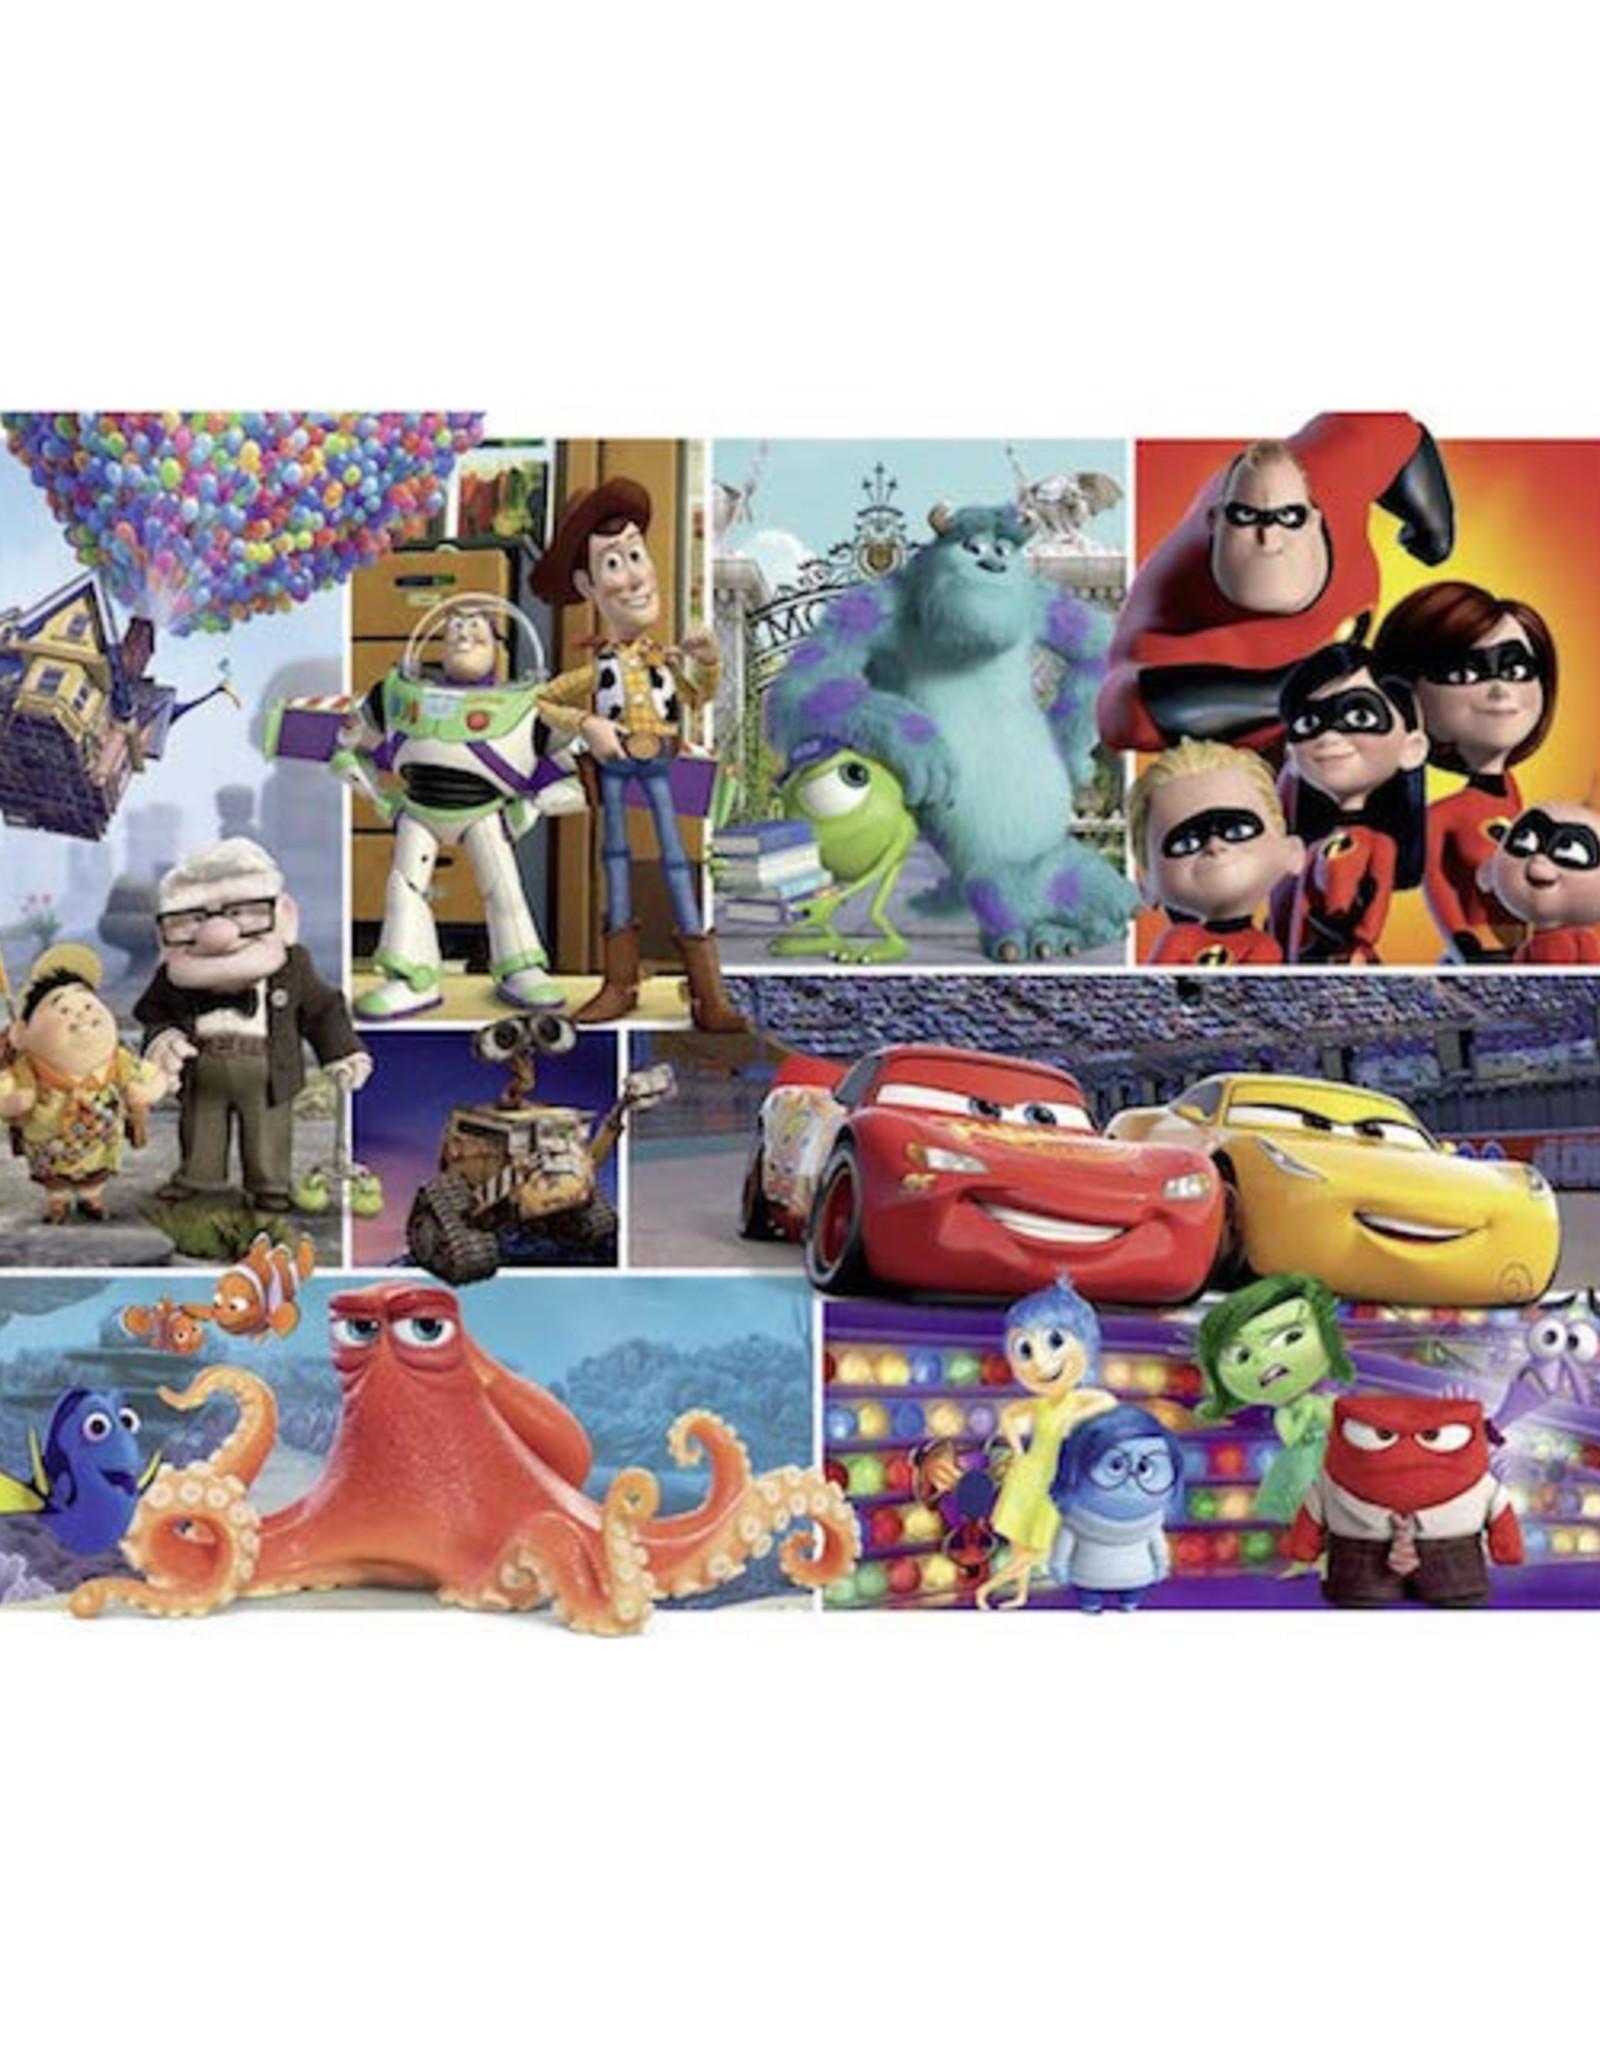 Ravensburger Pixar Friends (60pc)